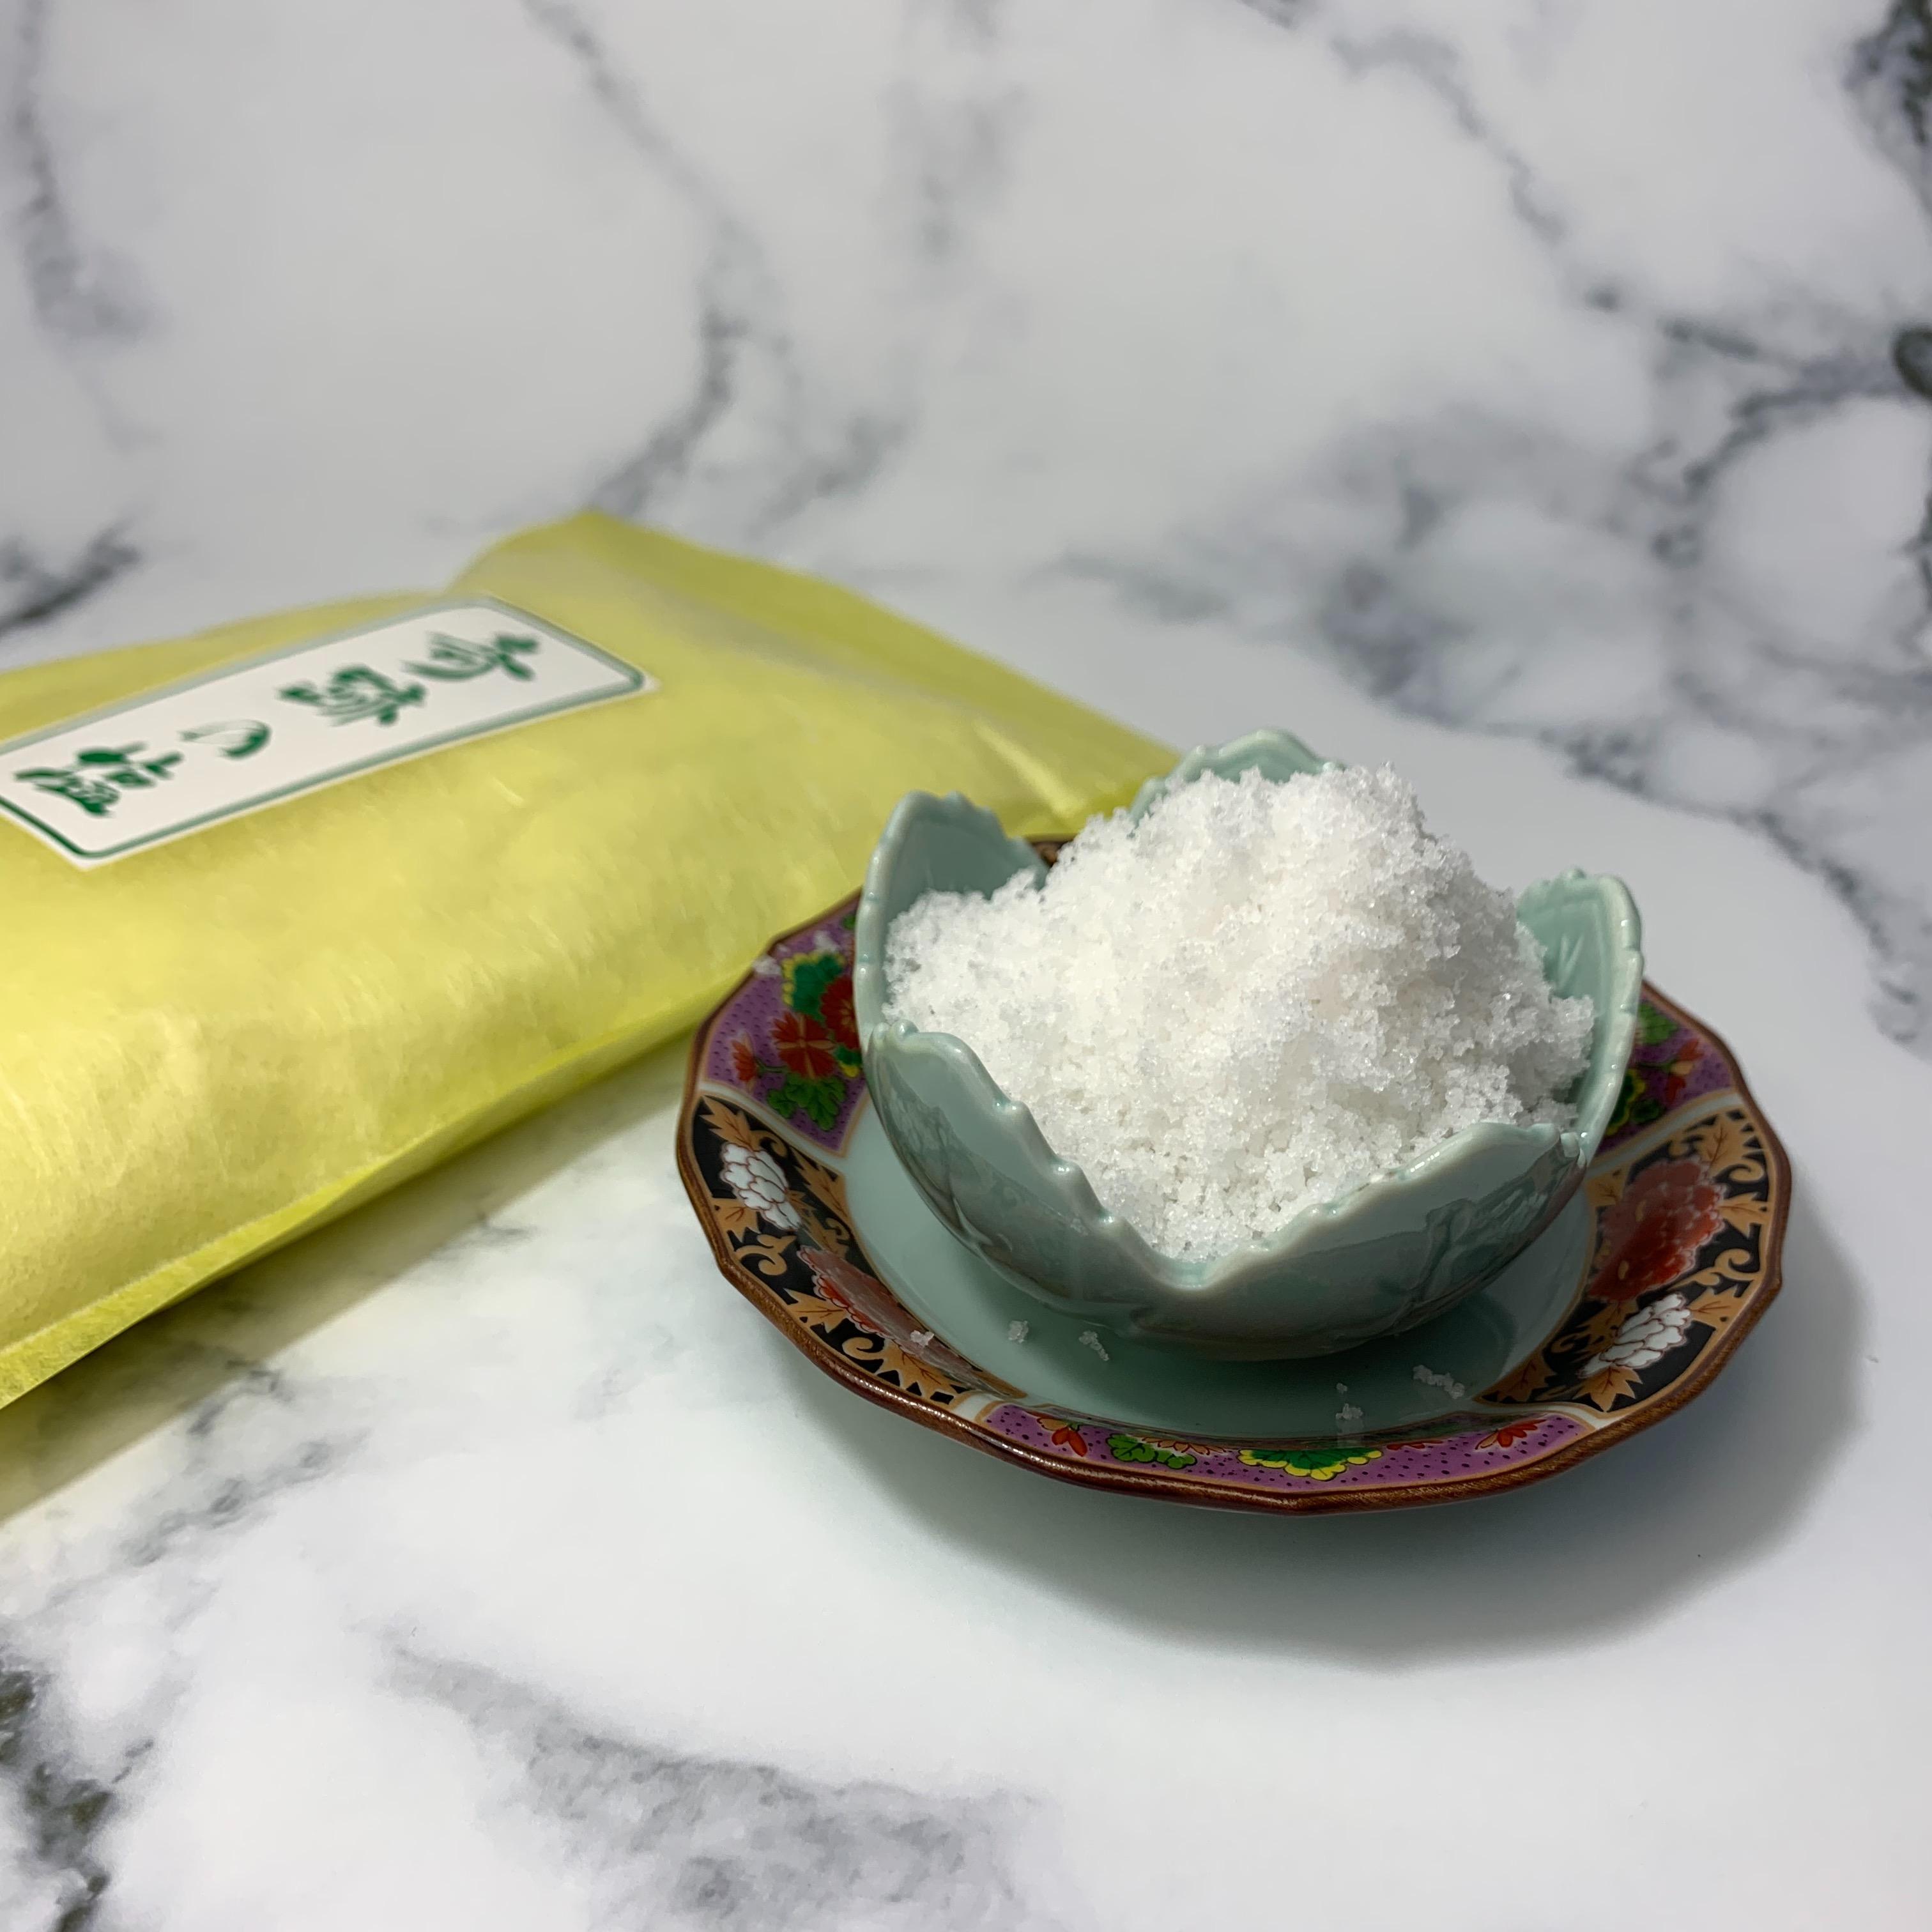 盛り塩の交換時期や捨て方、お風呂や浄化のやり方